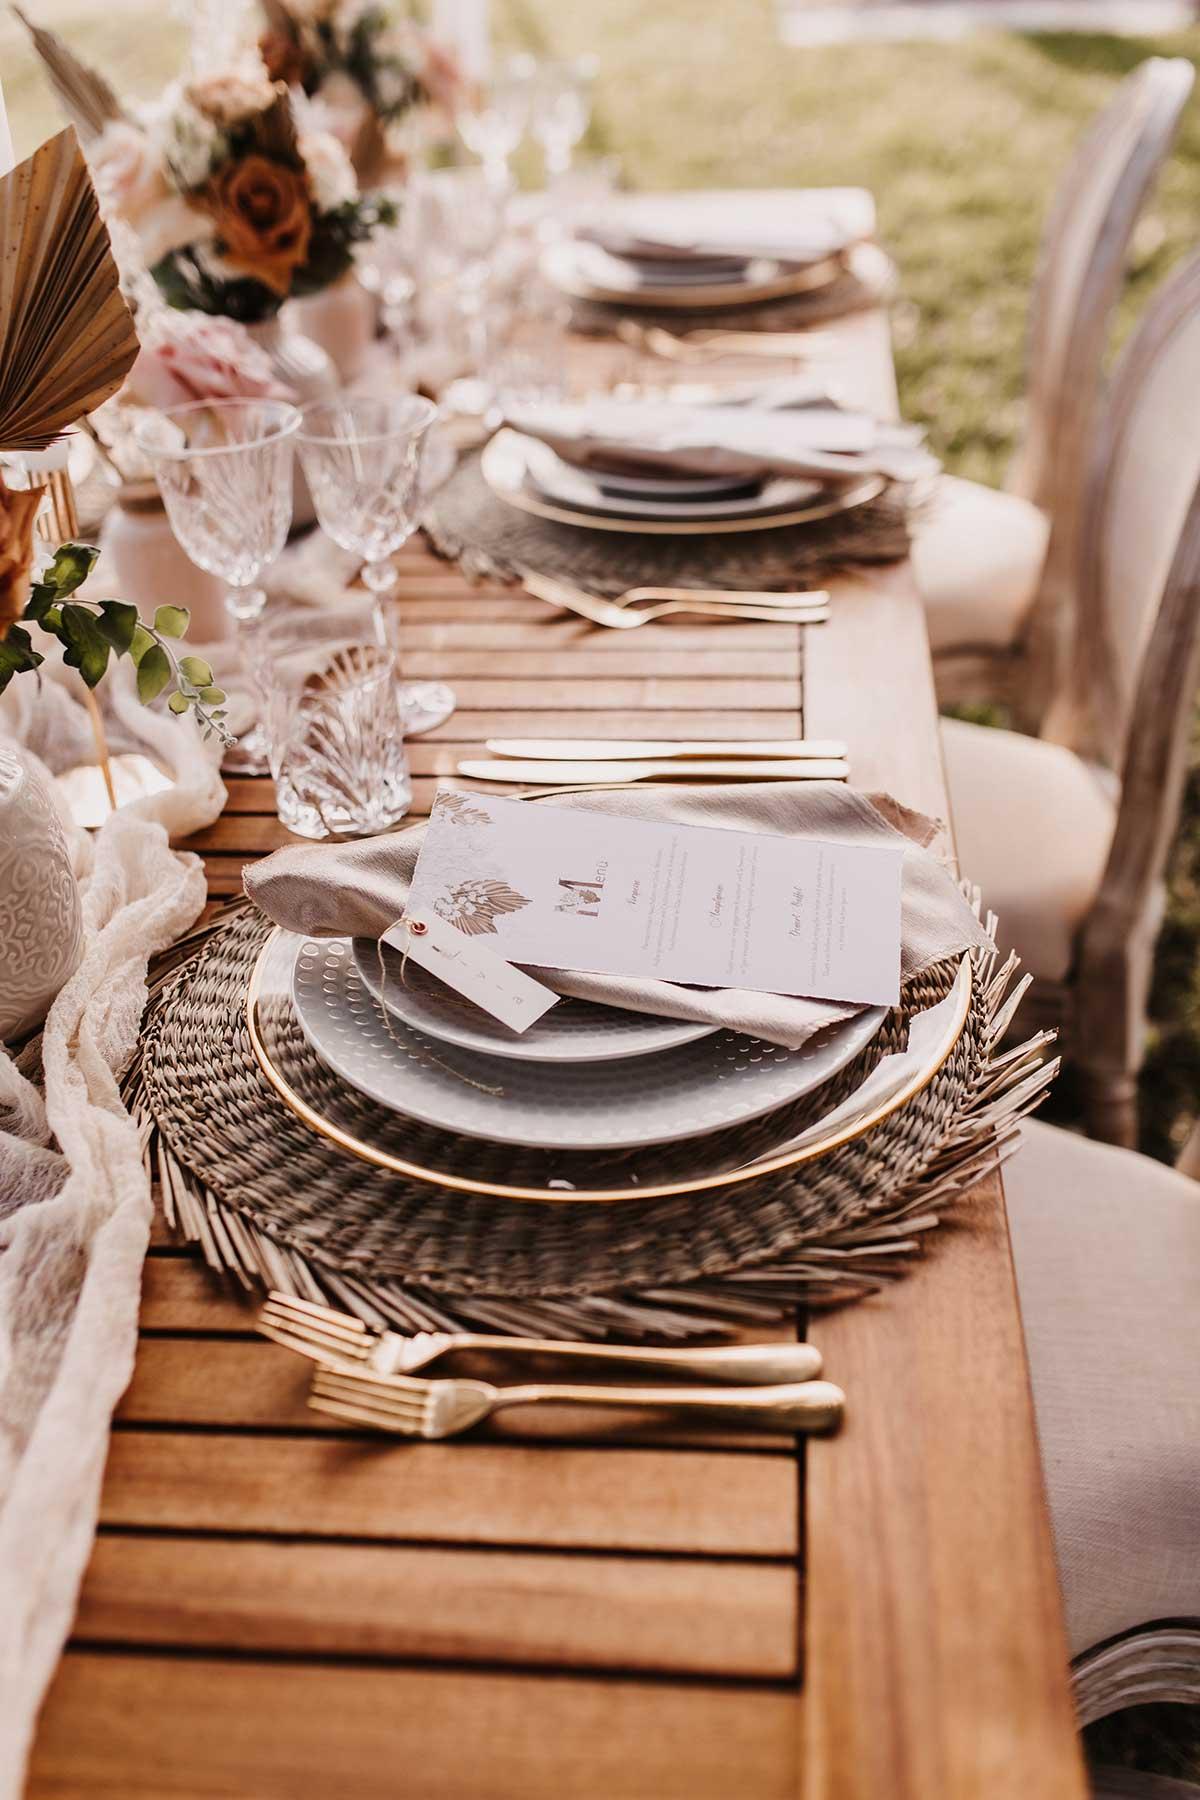 Platzsets auf dem dekorierten Tisch bei der Menükarte auf dem Tisch bei der Boho-Lux Hochzeit